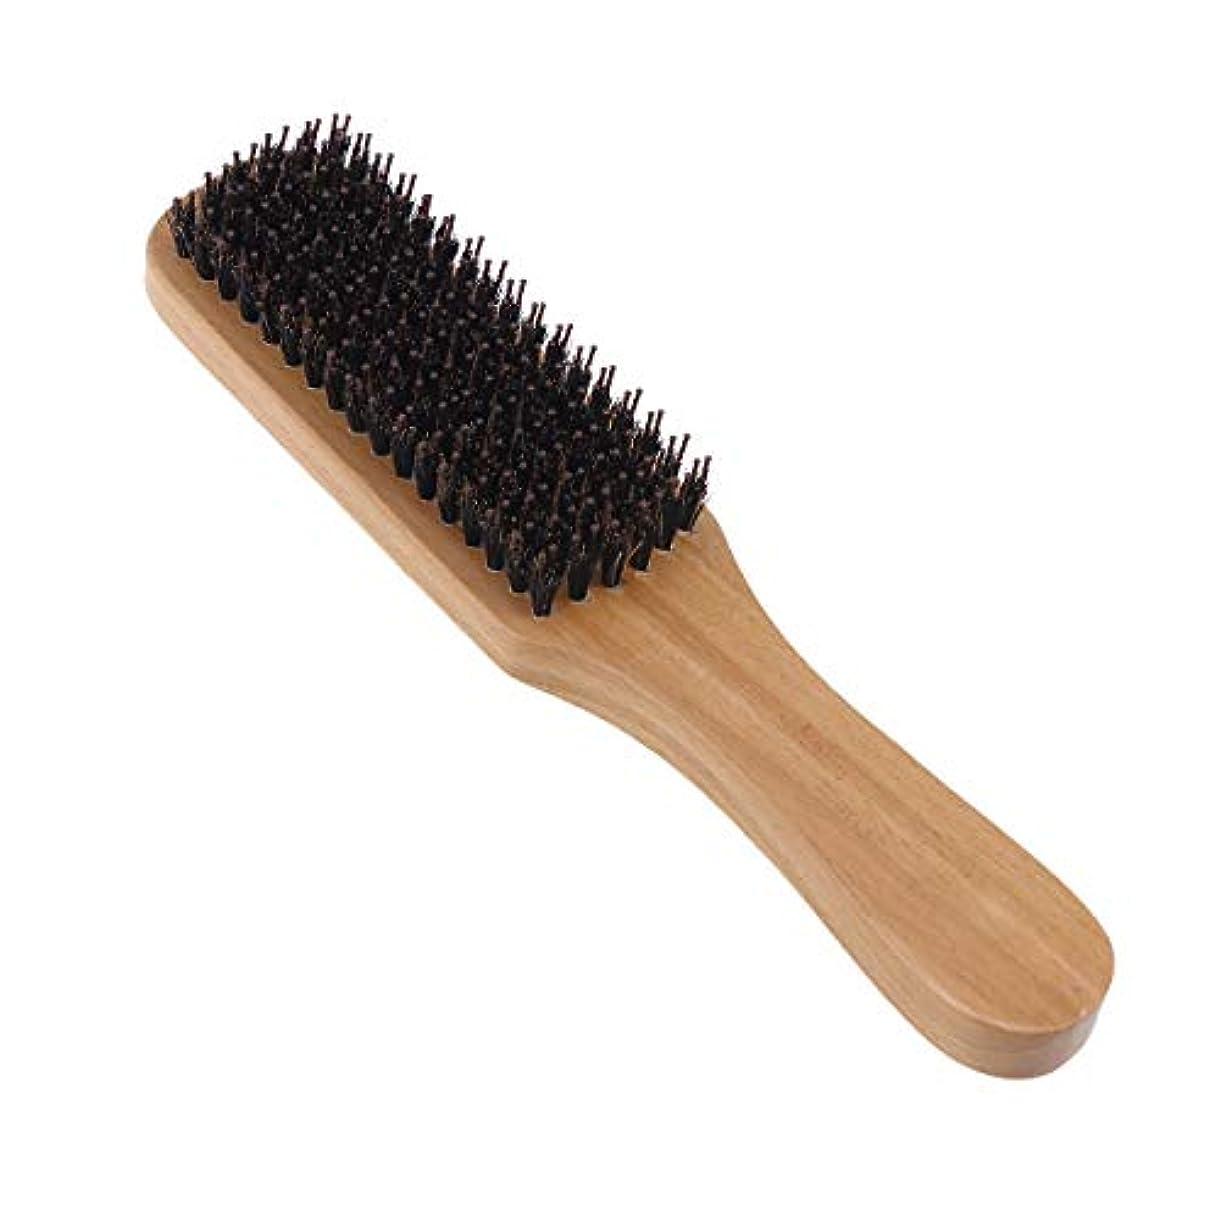 仲人抜け目のない苦悩Lurrose 世帯の理髪店のための剛毛のブラシの木製のハンドルの口ひげの毛バスブラシ